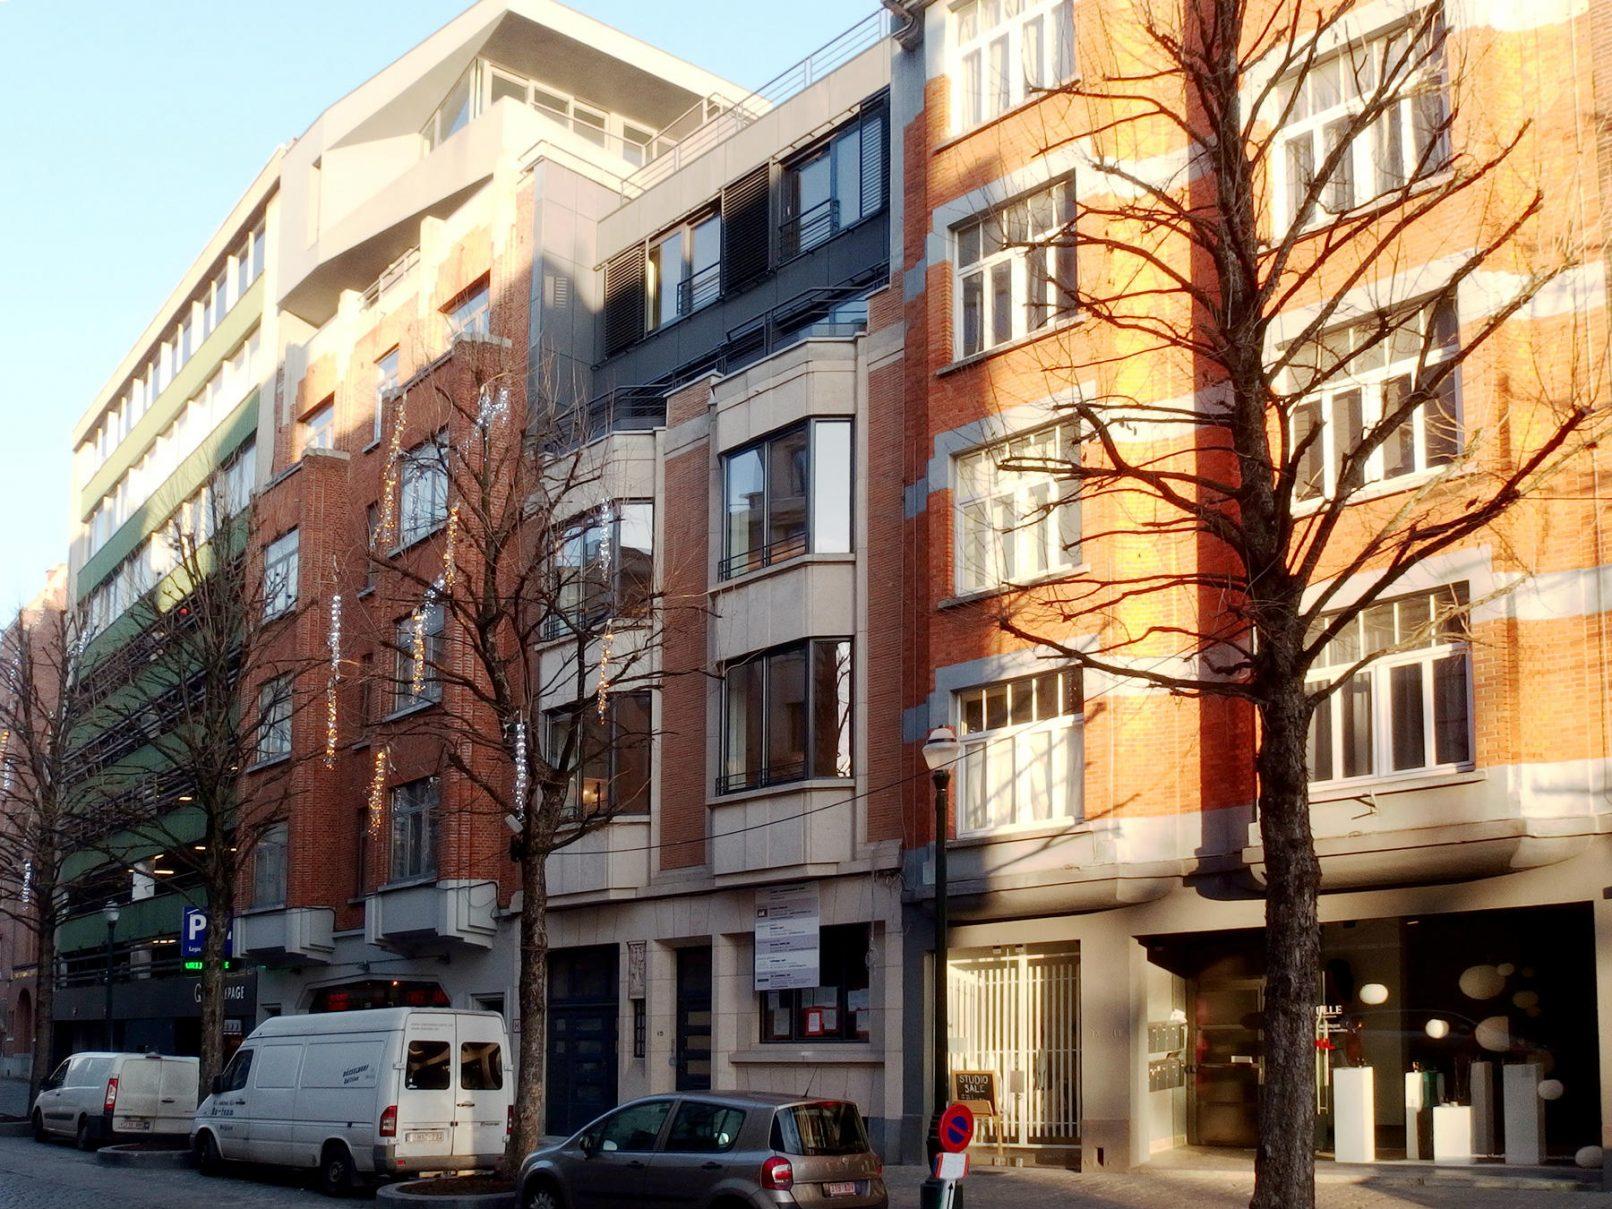 Lepage rehausse d un immeuble ariane delacre architecte for Architecte bruxelles